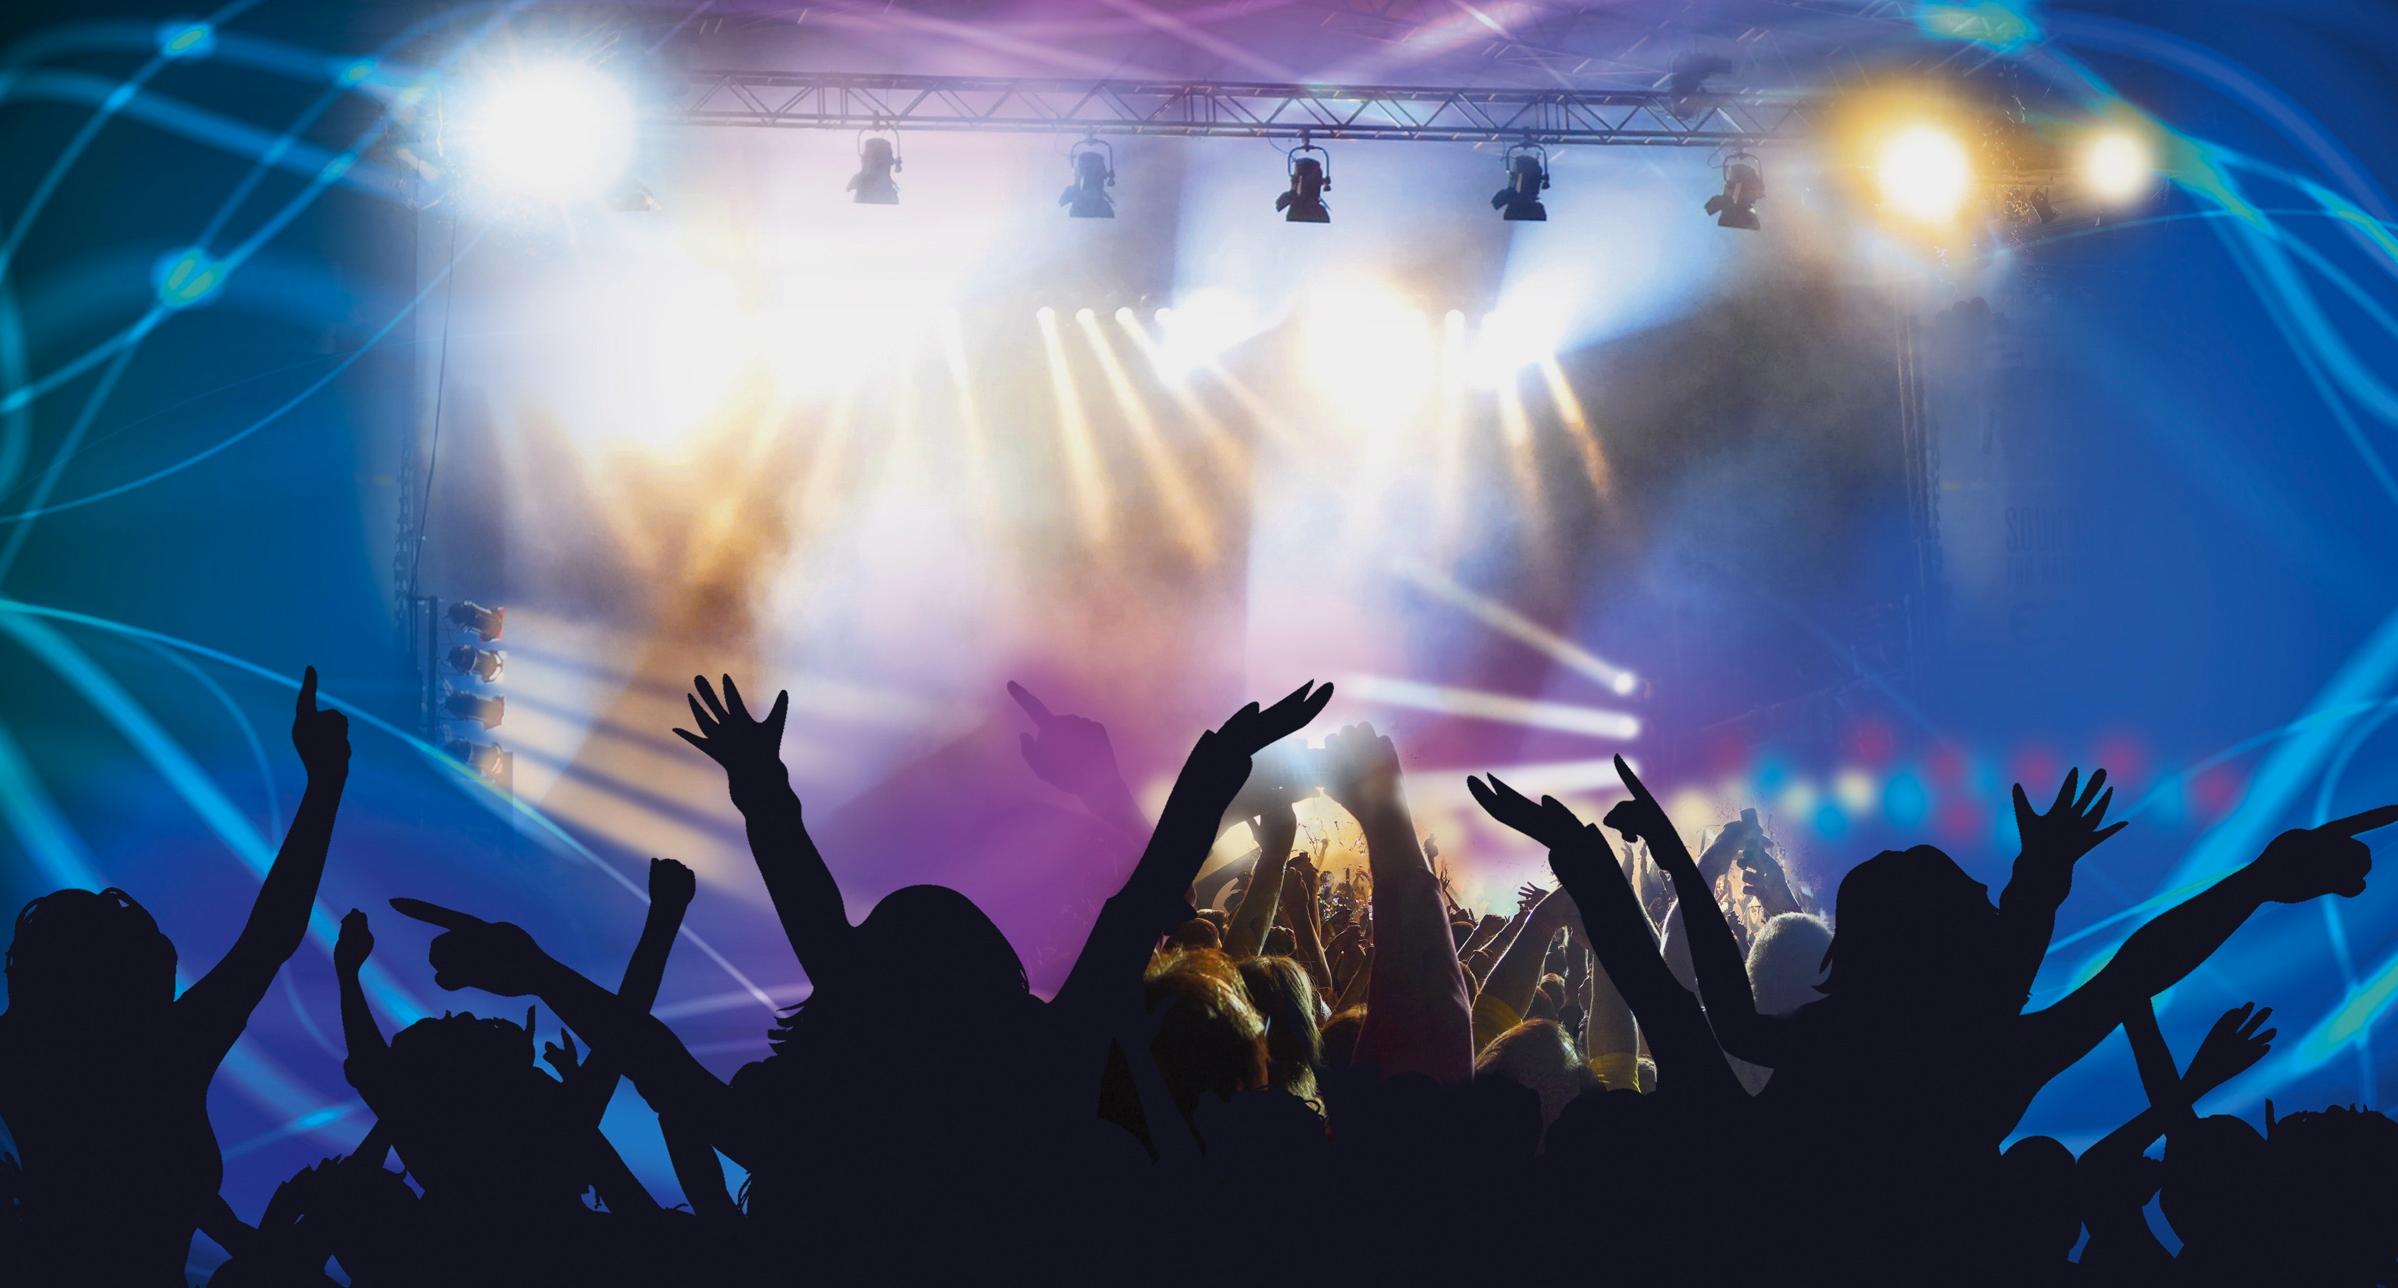 Monat-der-Musikfestivals.jpg